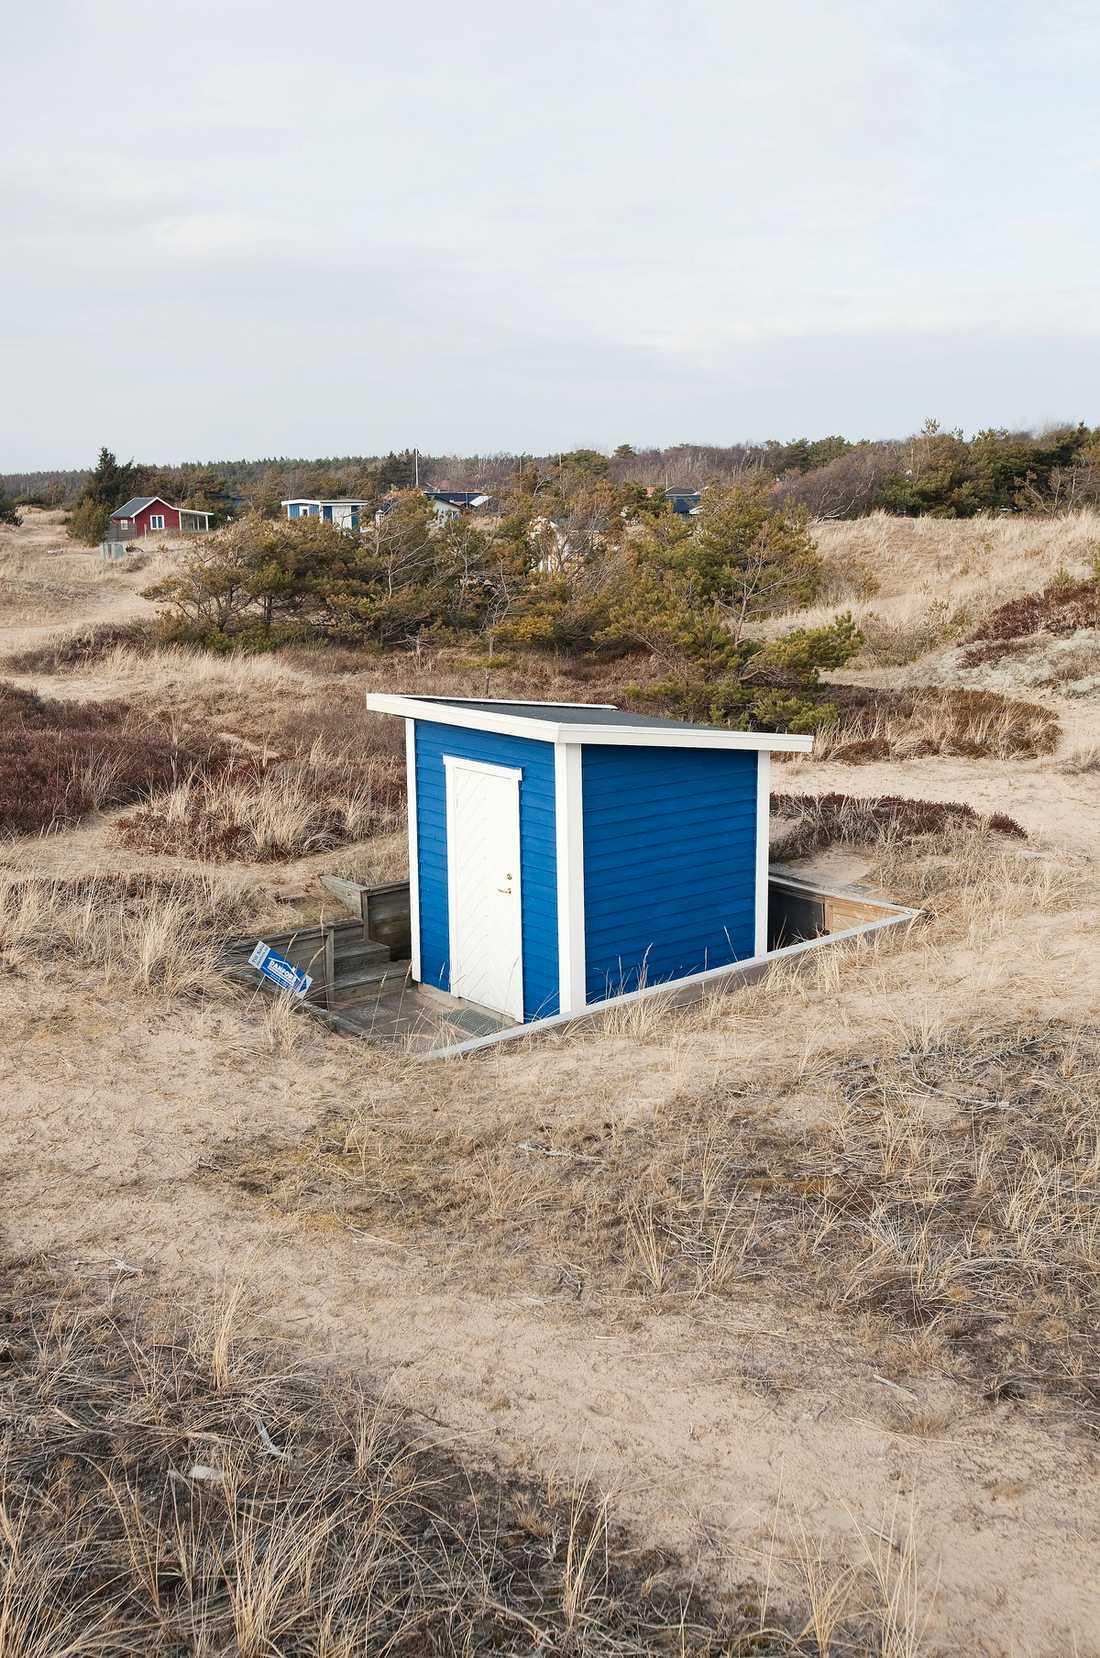 DYRT MINIHUS För 175 000 kronor får man förutom kanske Sveriges minsta sommarstuga även Sveriges kanske dyraste parkeringsplats.